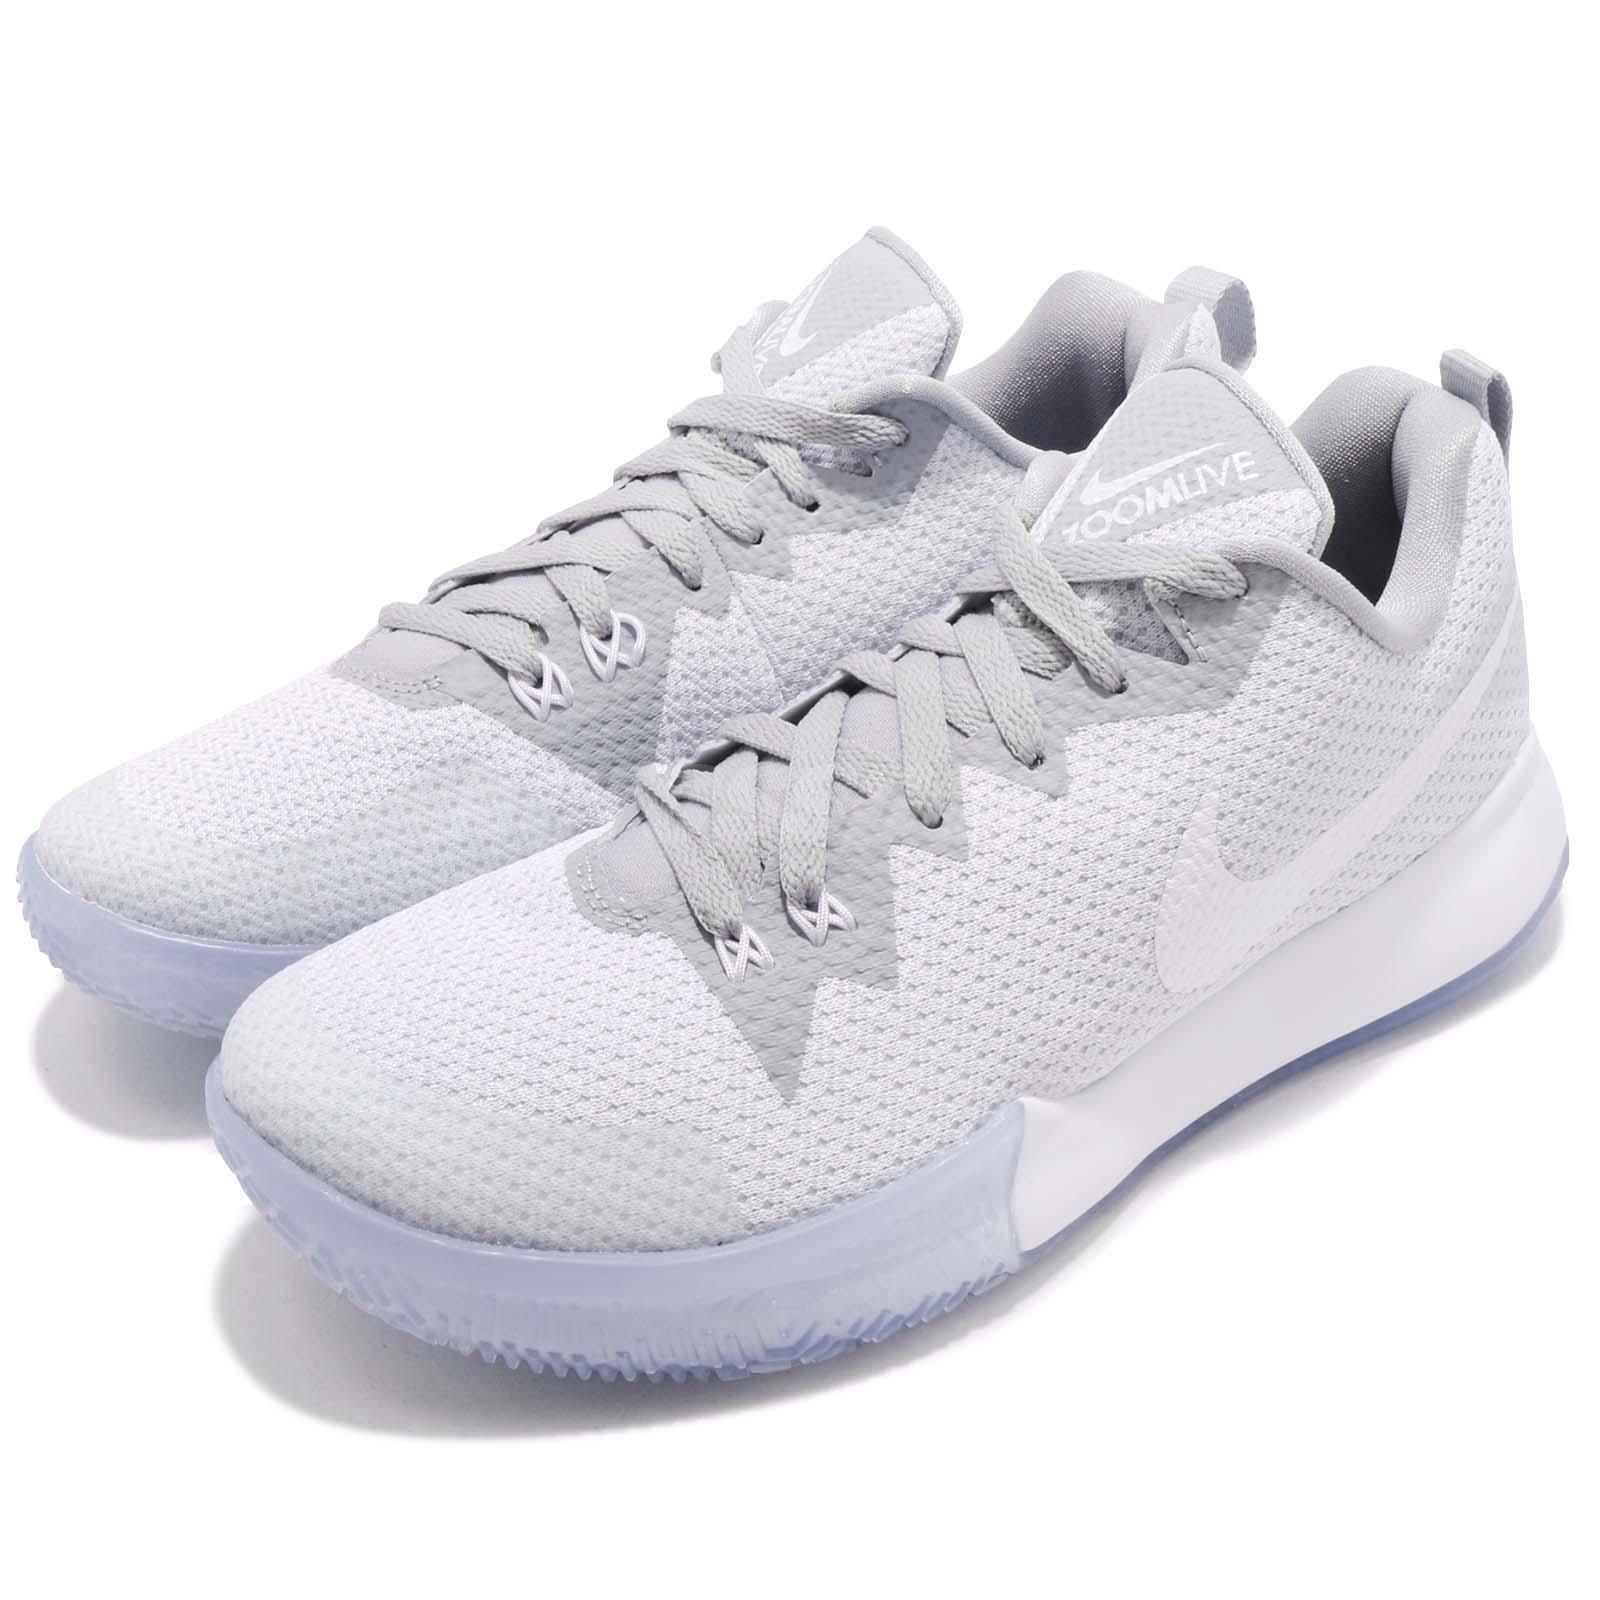 Nike zoom vivere ii pe 2 2 2 lupo bianco uomini grigi basket scarpe ah7567 101 | A Primo Posto Tra Prodotti Simili  | Scolaro/Signora Scarpa  e4ca84